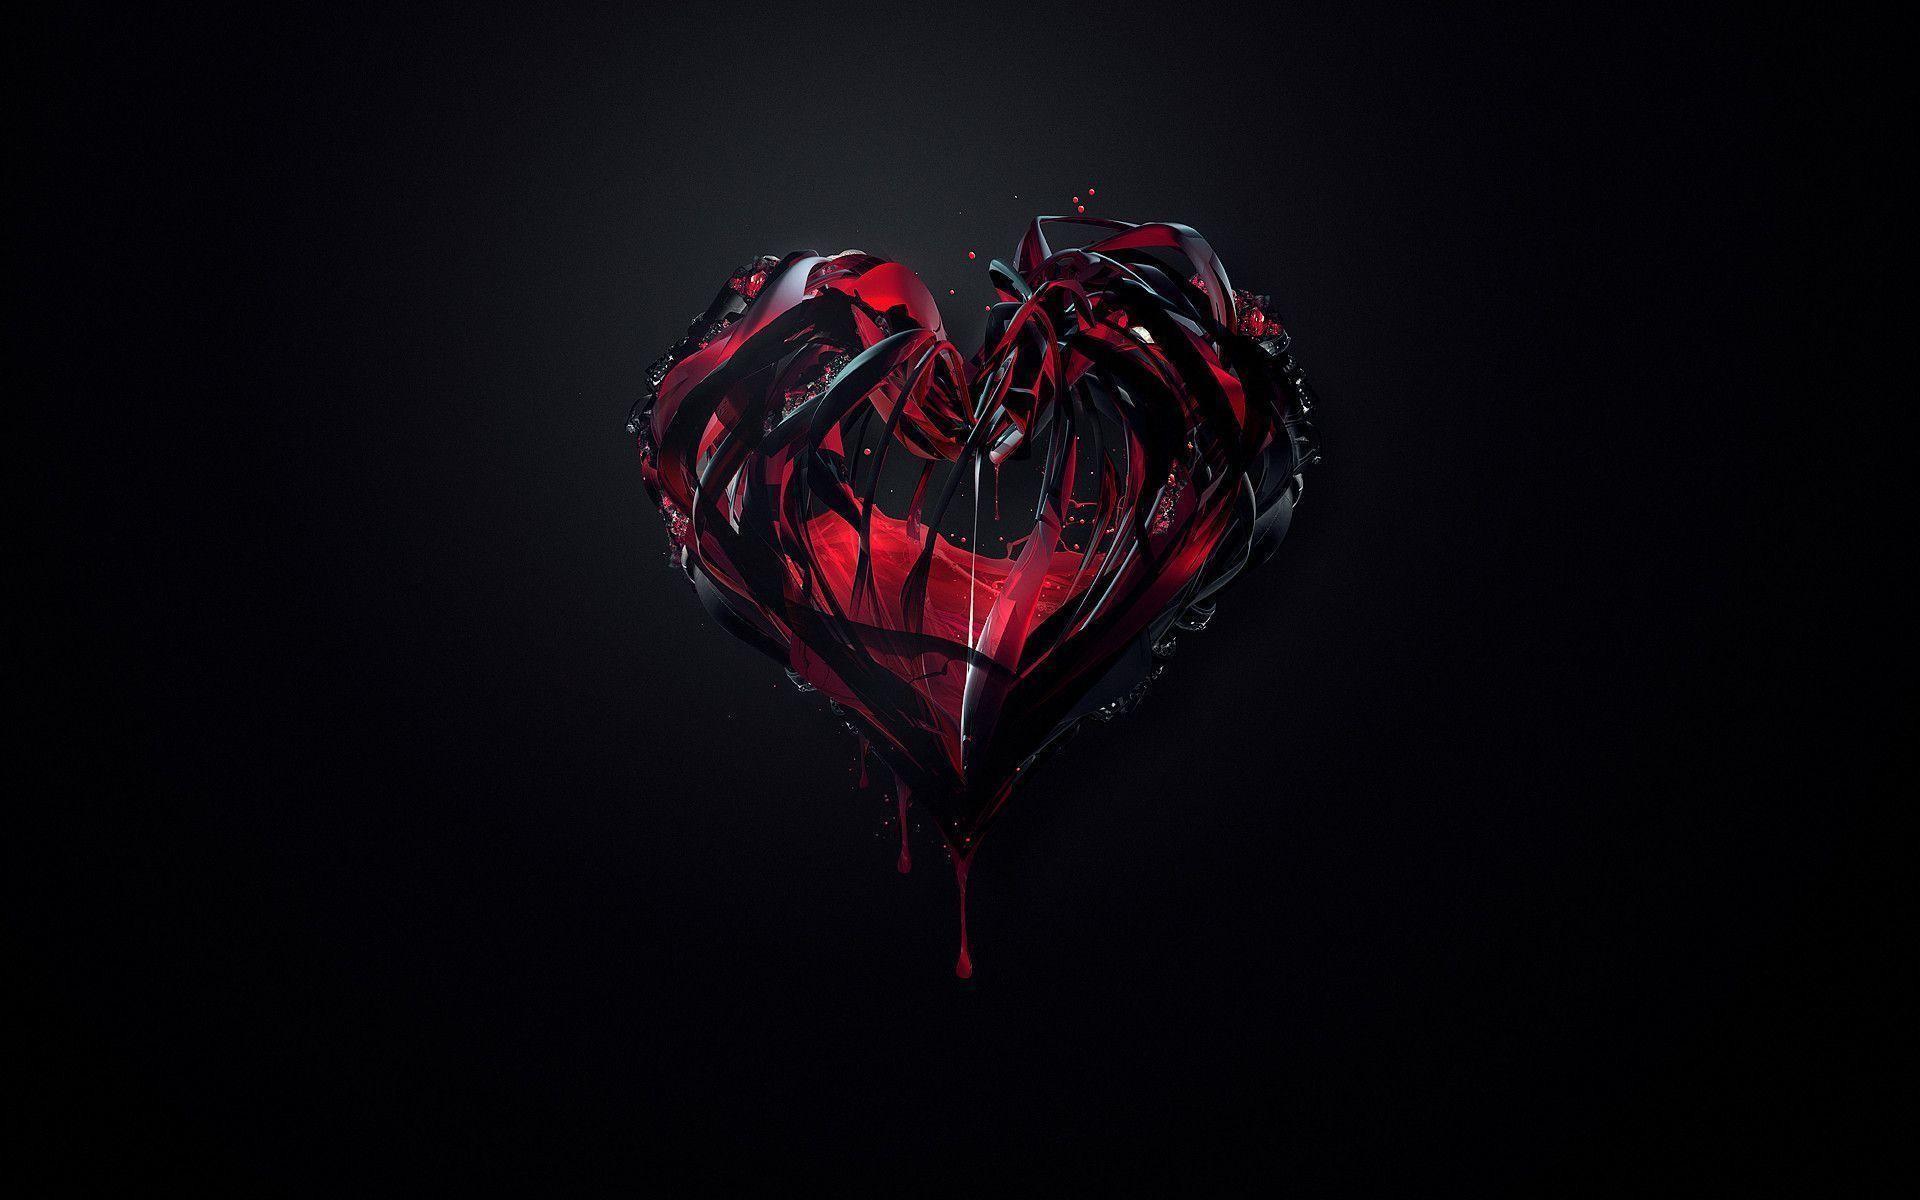 Heartbreak Wallpaper